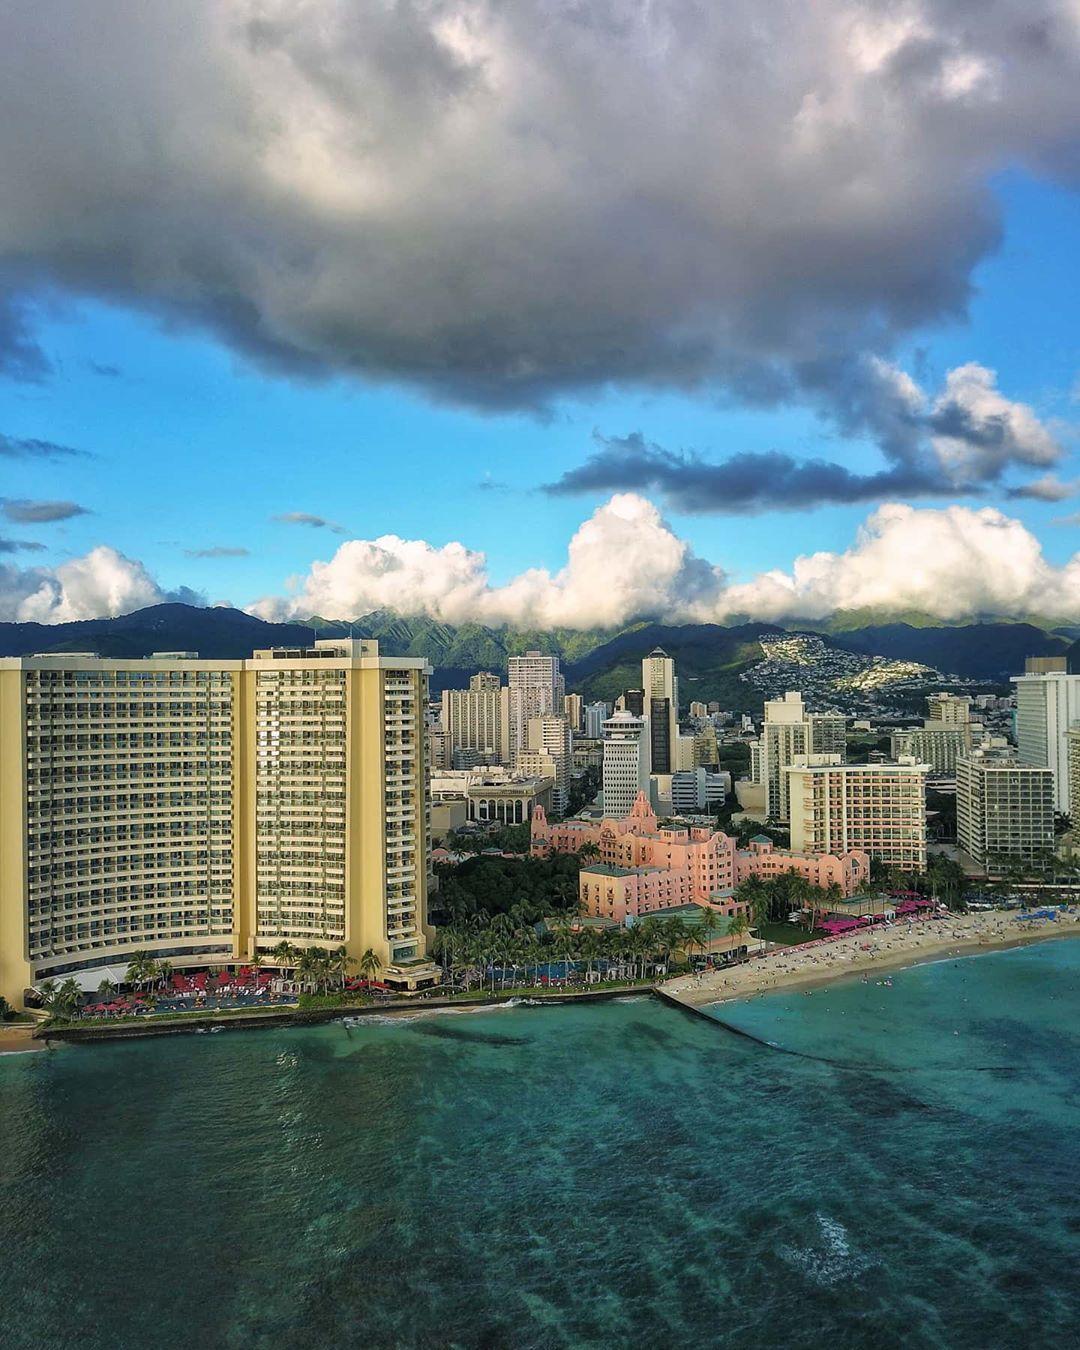 🔥🔥🔥Hawaii Luau Company- Hawaii's Premiere Corporate Event, Luau, Wedding and Entertainment Company.  www.hawaiiluaucompany.com  The BEST! Oahu Landscapes & Portraits PC:@holoholoyolo 🤙🏼🌺🌴  #hawaiiluaucompany#huakailuau #huakai #waikiki🌺 #mauiisland #waikikibeaches #waikikiphotography #honolulu #waikiki #hawaiibound #hawaiilove #oahuweddingplanner #oahuevents #hawaiibuilt #waikikielopment #waikikivibes #oahuluau #luauinwaikiki #koolina #luau #honolulu🌴 #visithawaii #oahustyle #waikikie